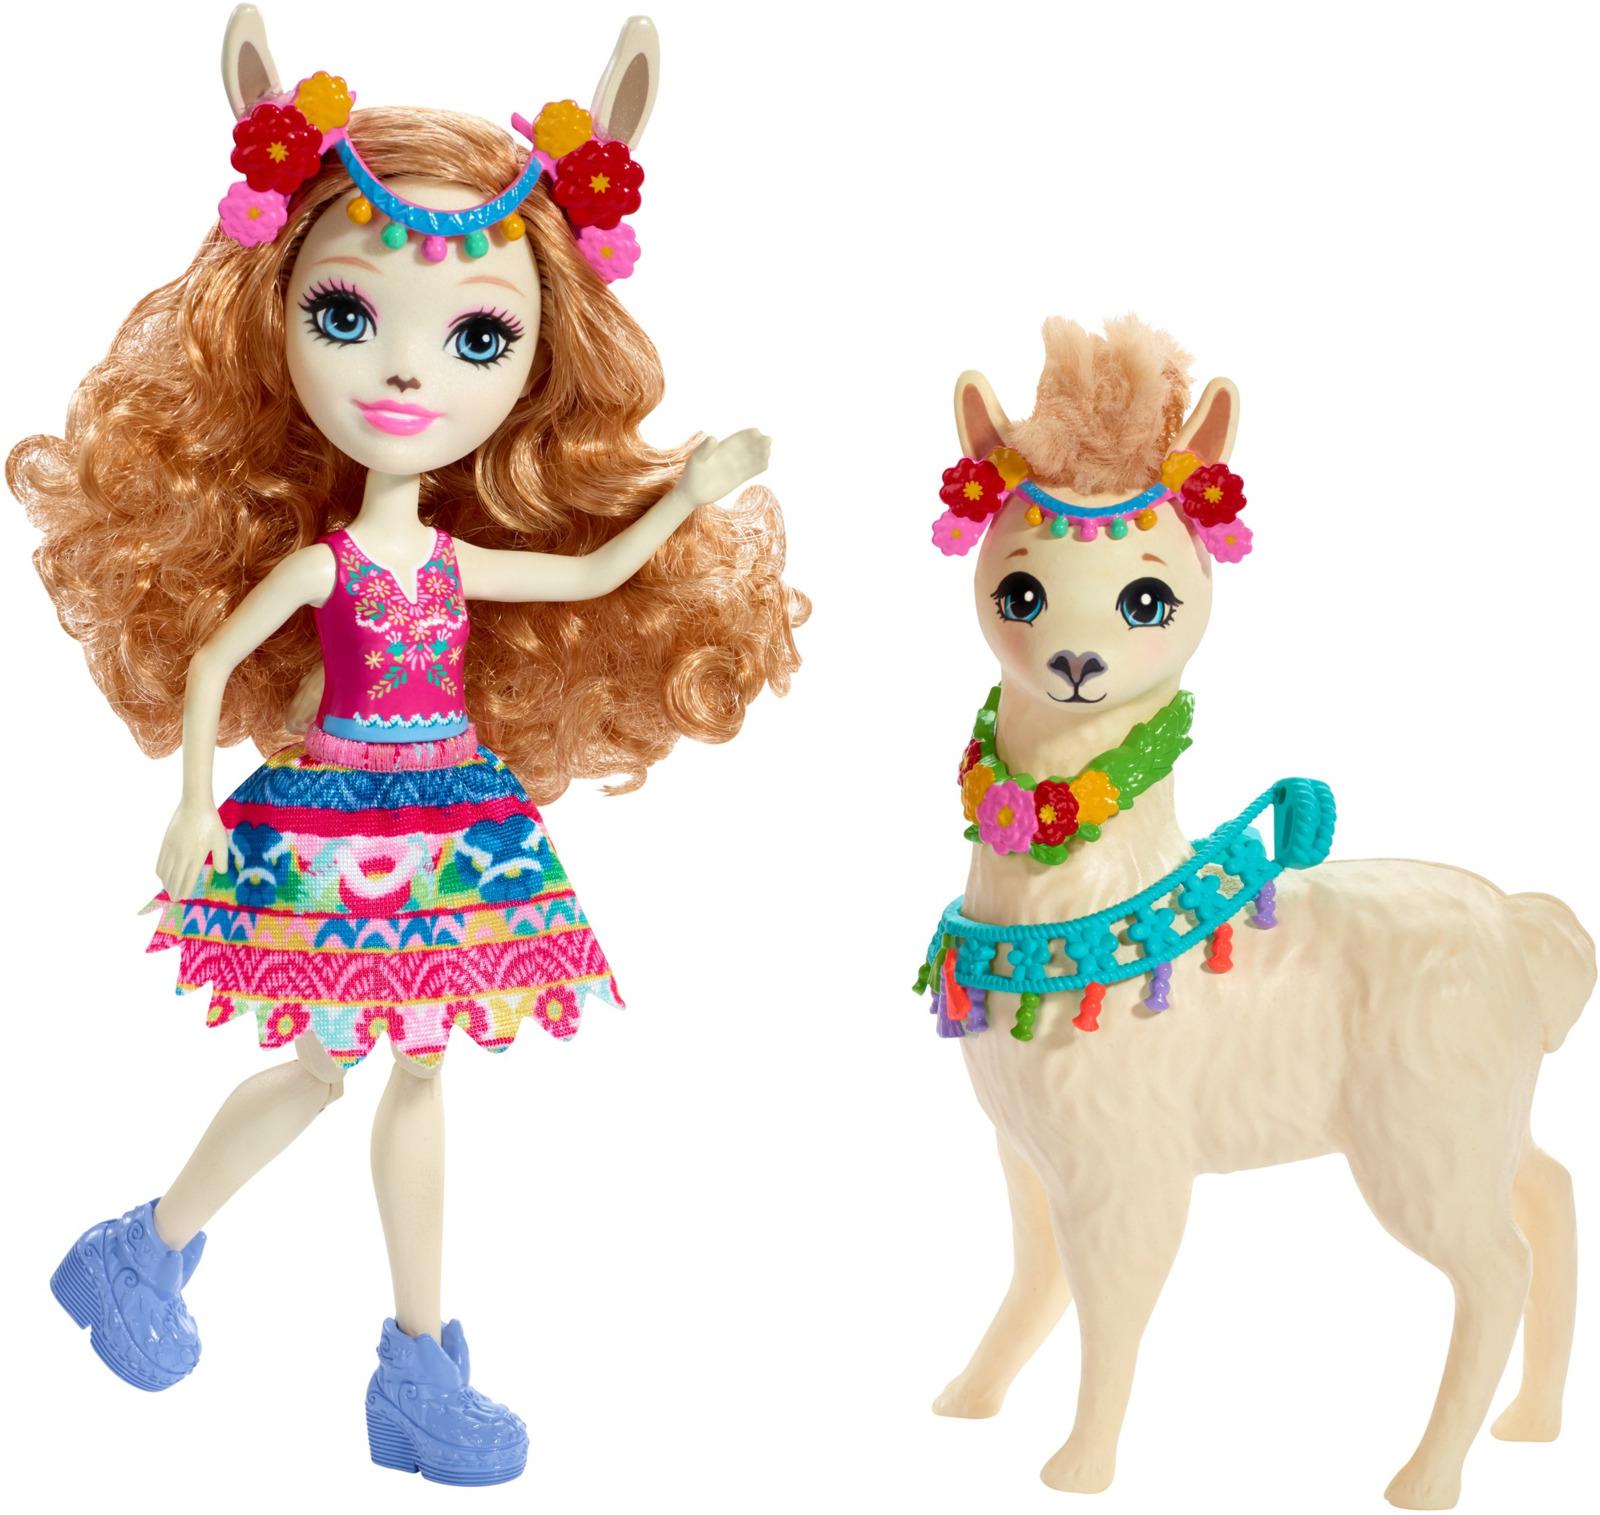 Игровой набор с куклой Enchantimals Lluella Llama & Fleecy, FKY72_FRH42 enchantimals игровой набор с куклой sage scunk